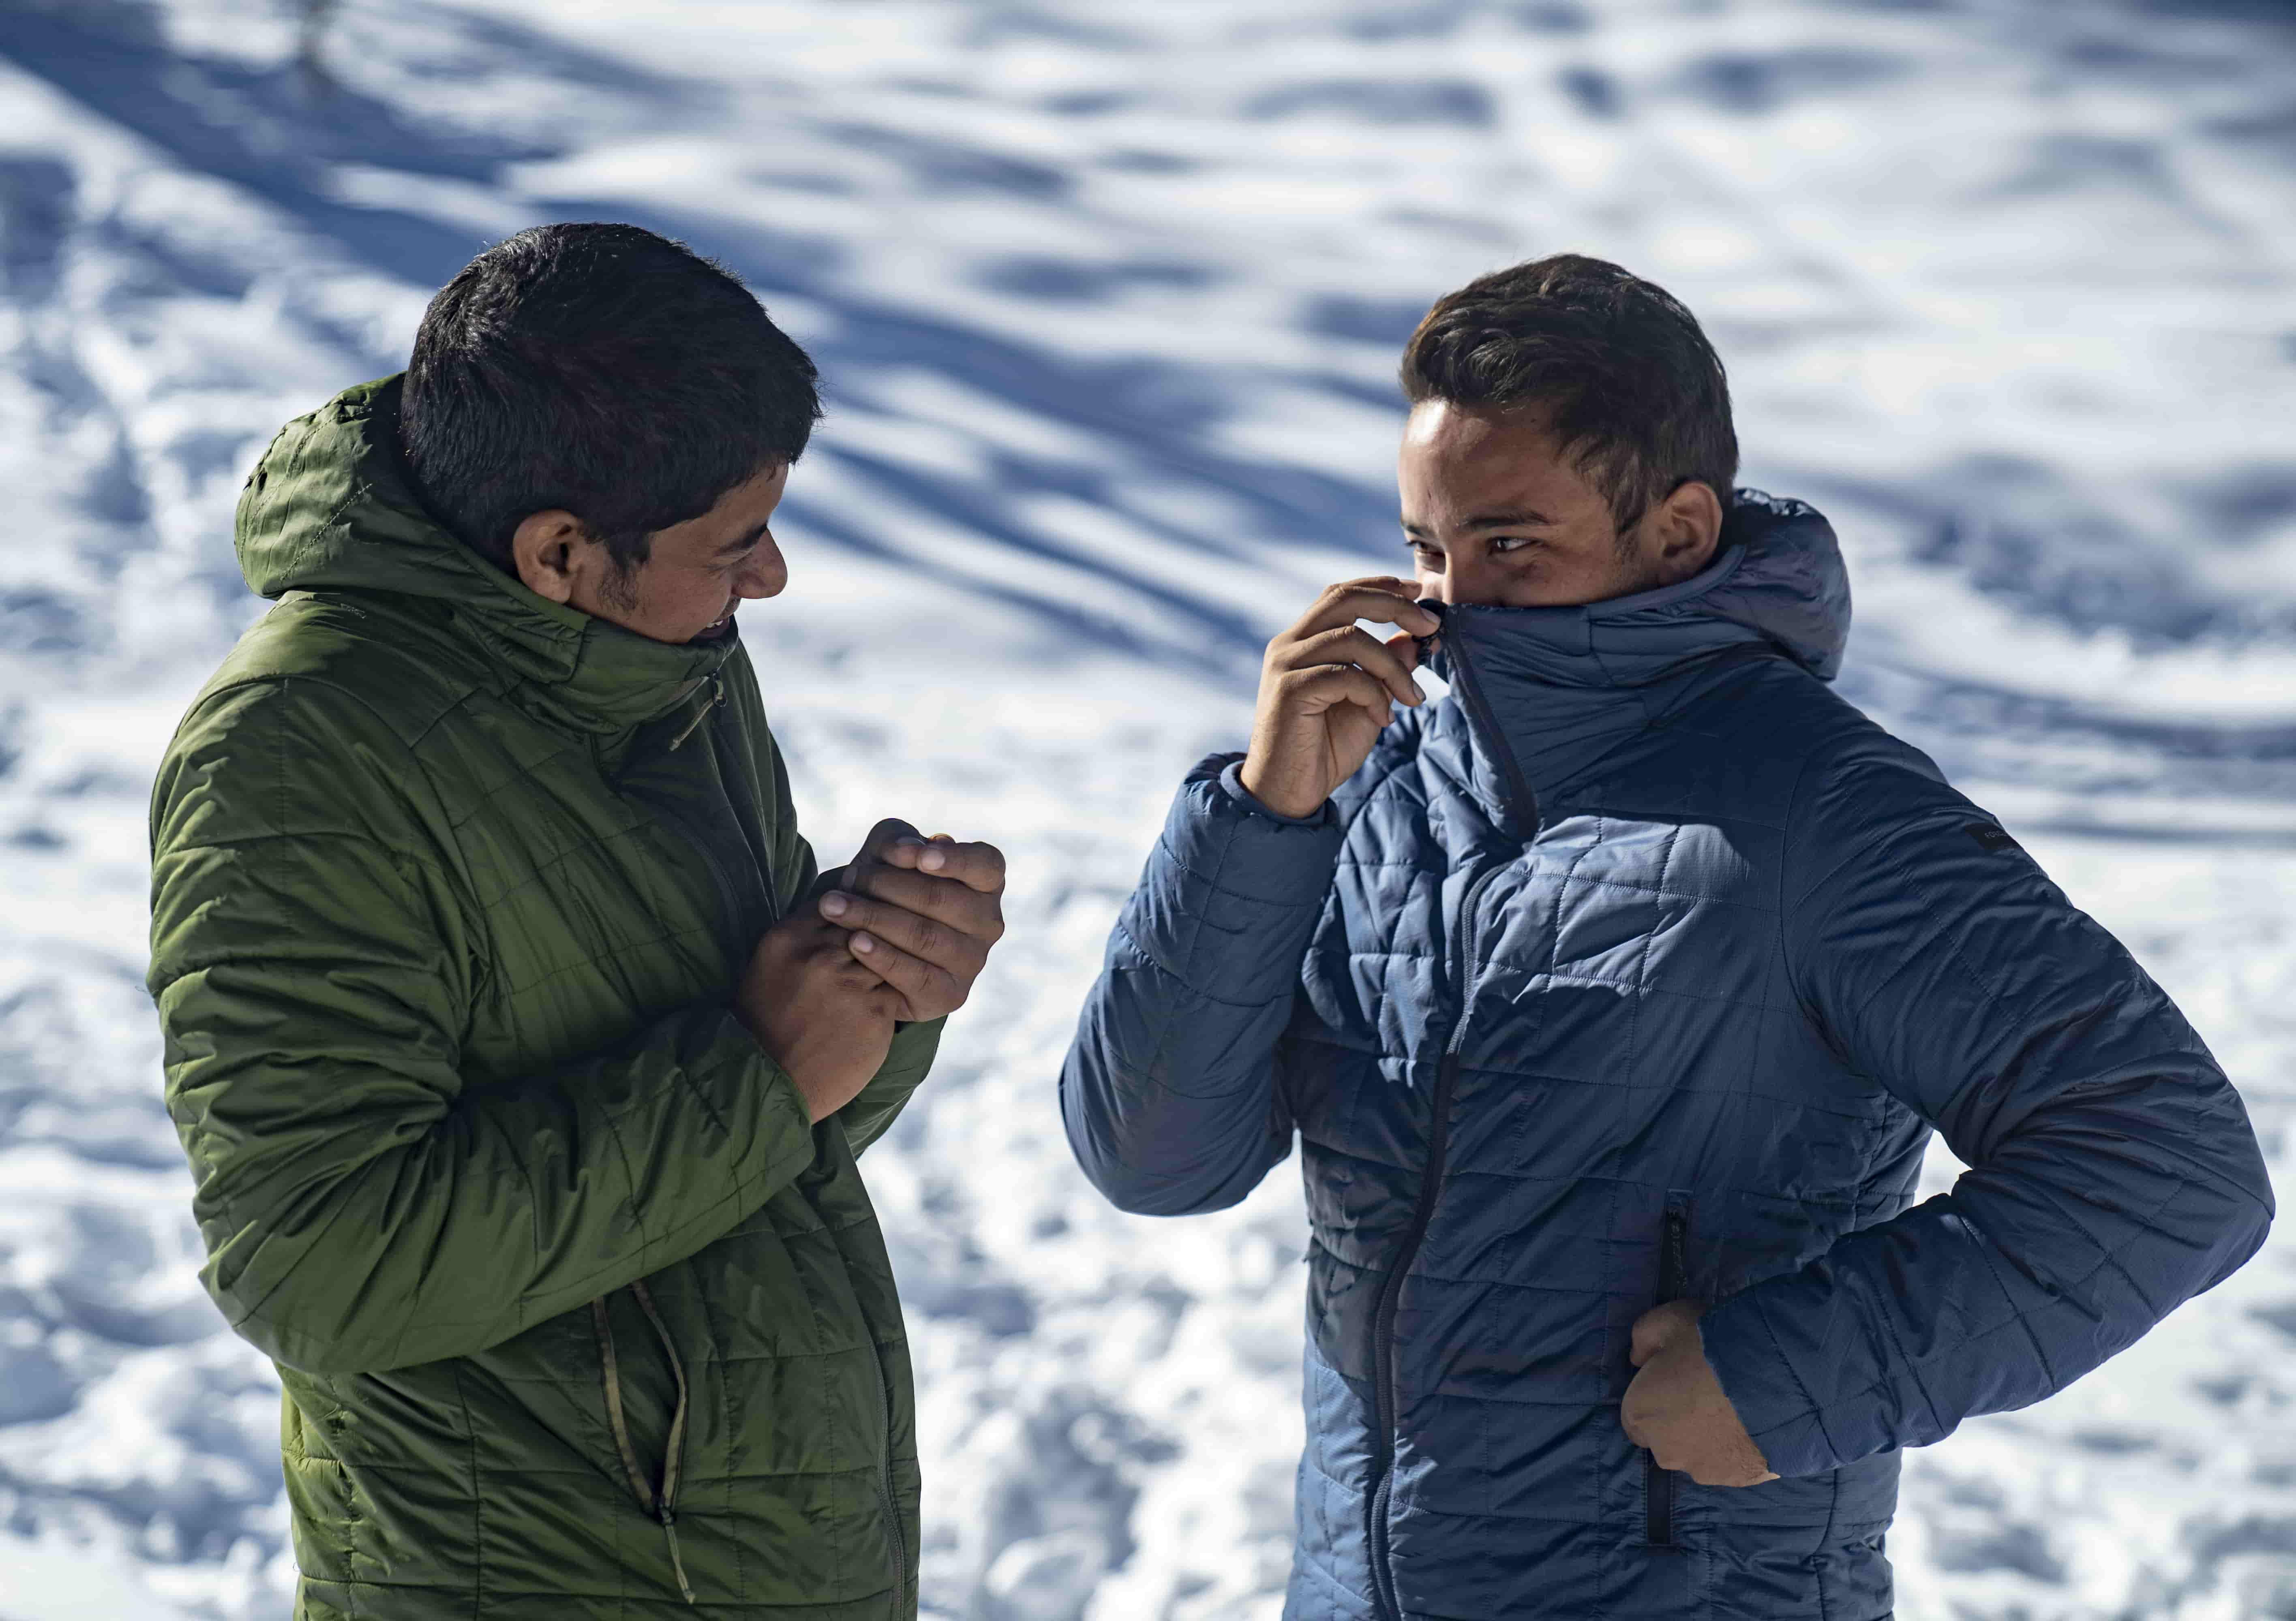 Trek 100 : The Padded Jacket for Winter